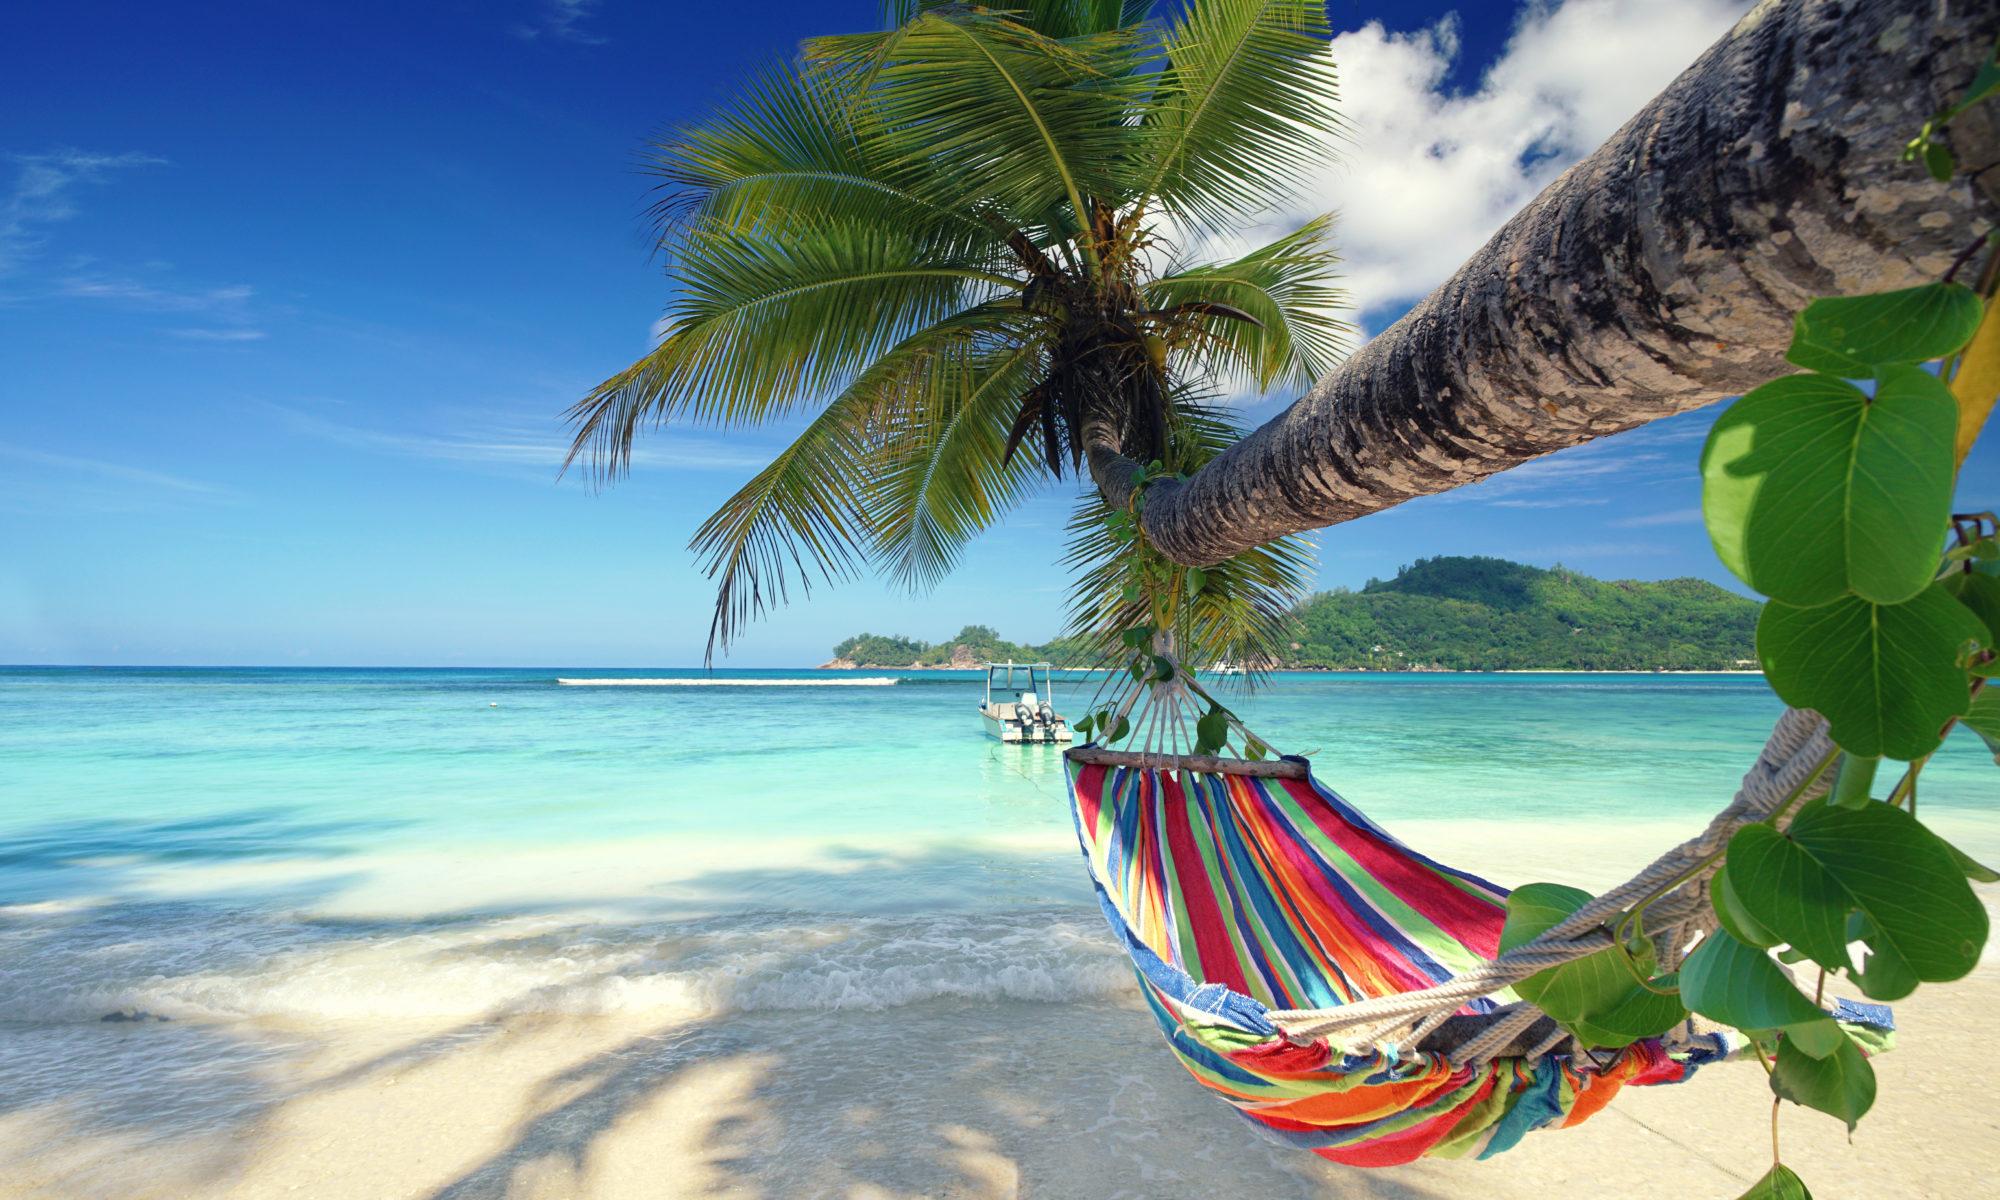 AdobeStock 146303559 2000x1200 - Hartz IV: Millionen Menschen können sich keinen Urlaub leisten